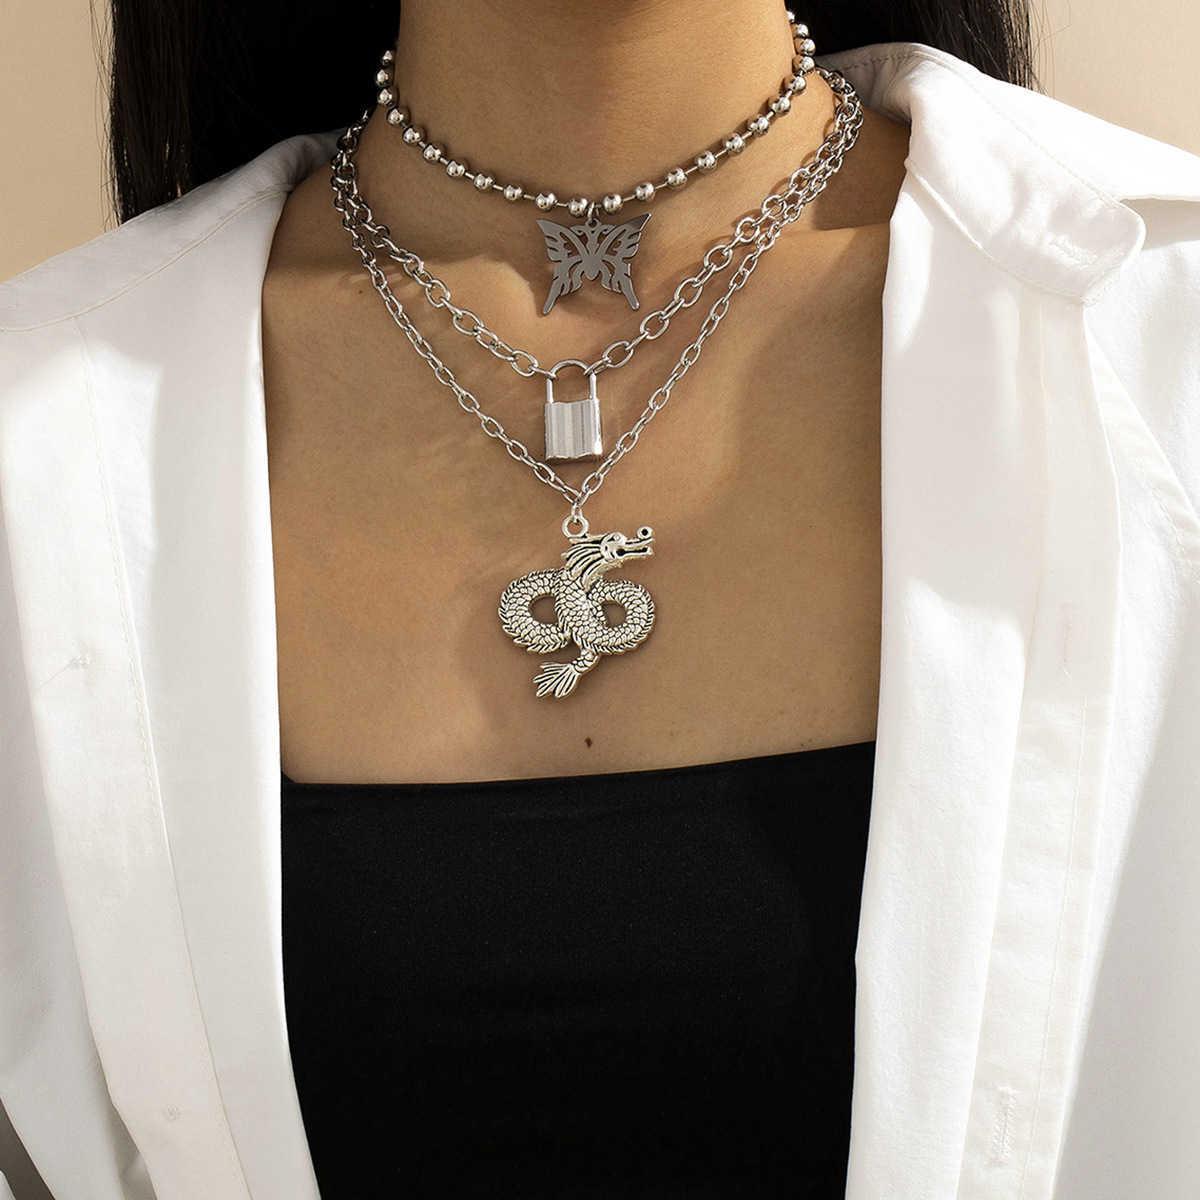 Ювелирные изделия Круглая цепь из бисера Кулон женская мода универсальная Дракон бабочка многоэлемент ожерелье